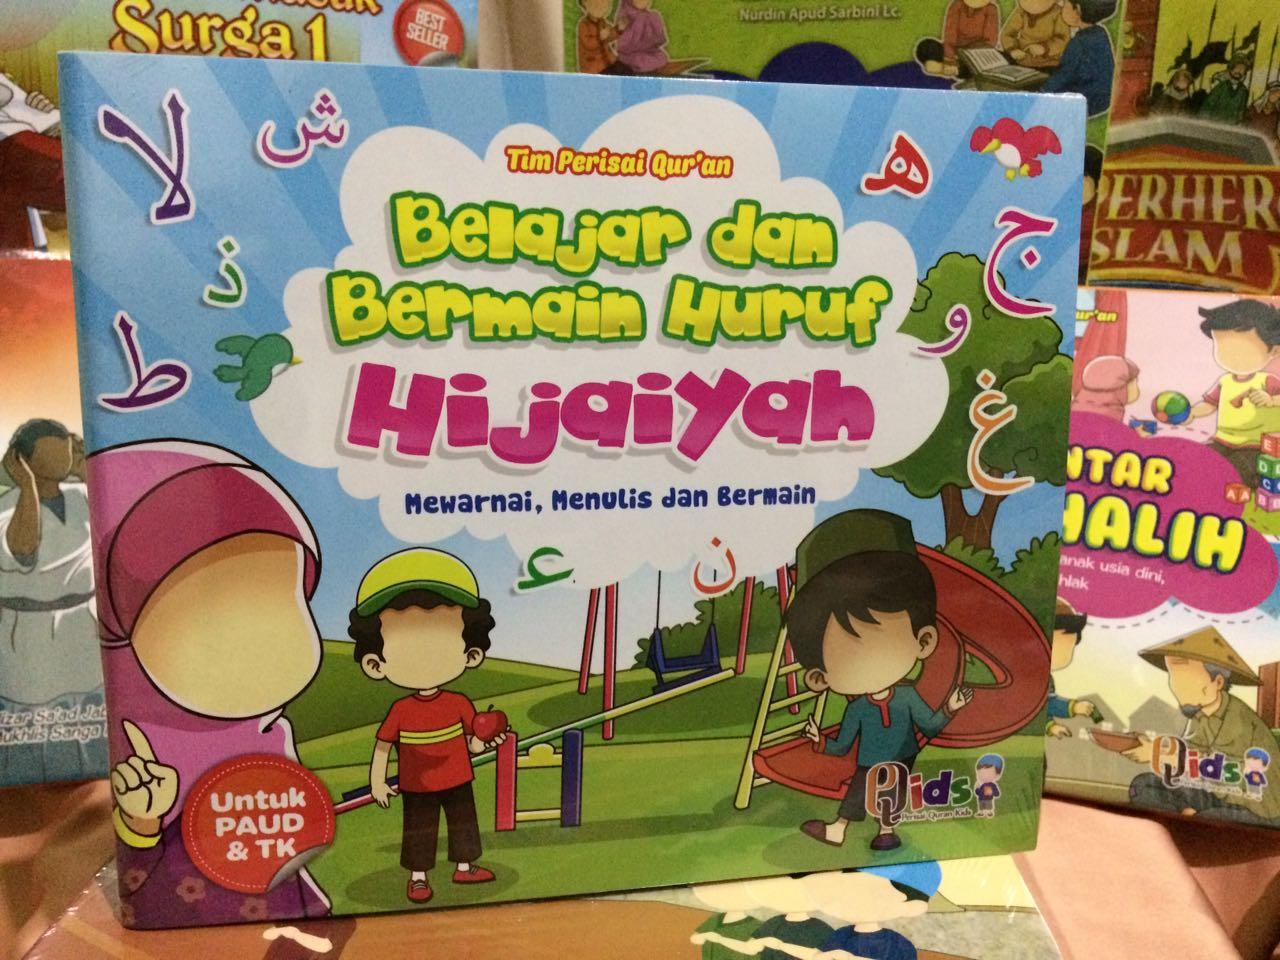 Belajar Dan Bermain Huruf Hijaiyah Books Stationery Childrens